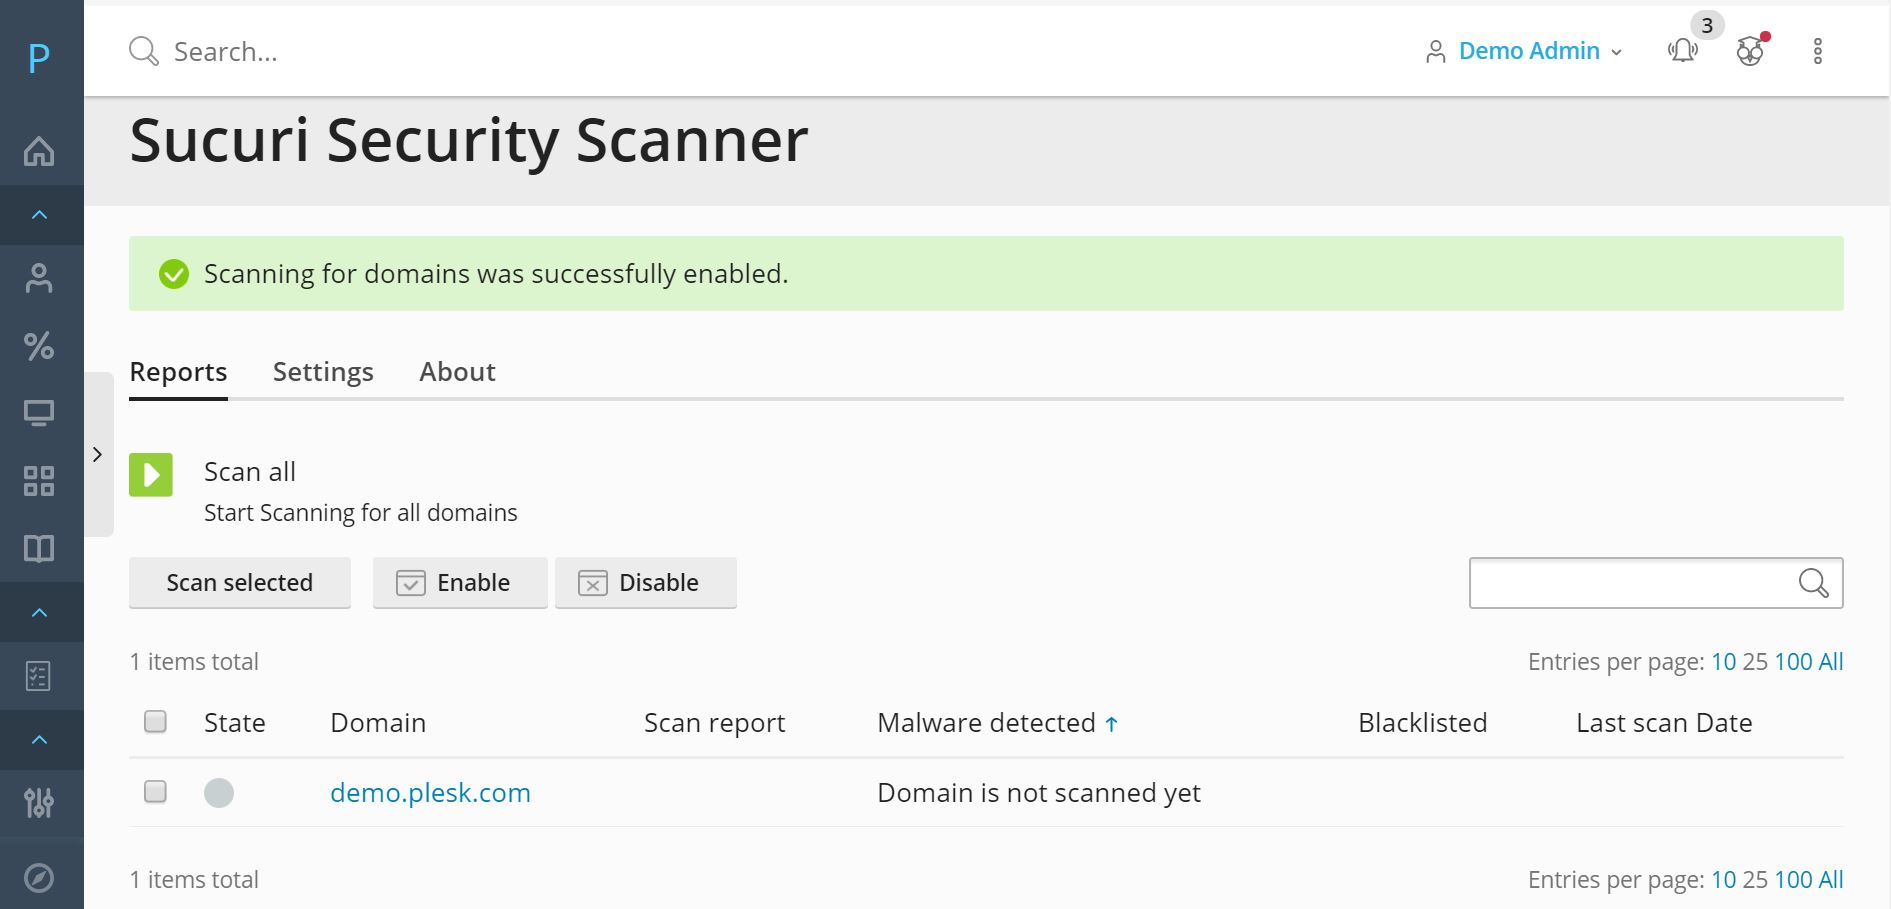 Sucuri Security Scanner